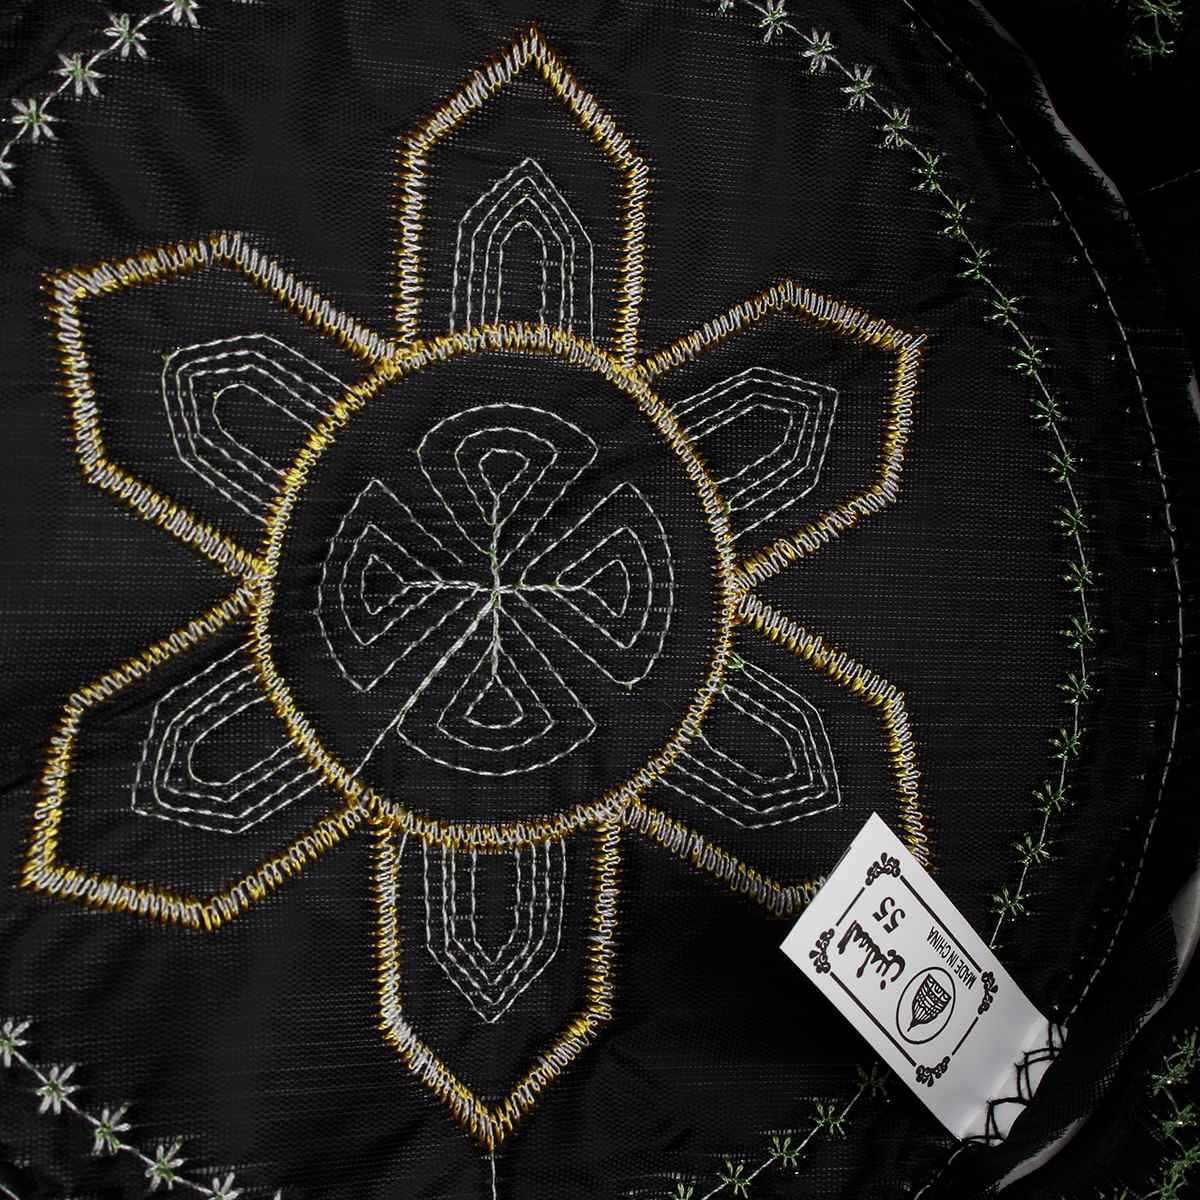 แฟชั่นมุสลิมอิสลามสวดมนต์หมวกภาษาสวีดิชคำหมวกชายมุสลิมหมวกอินเดียหมวก Topi Kufi รอบหมวก Eid Ramadan Pray Dropshipping 2019